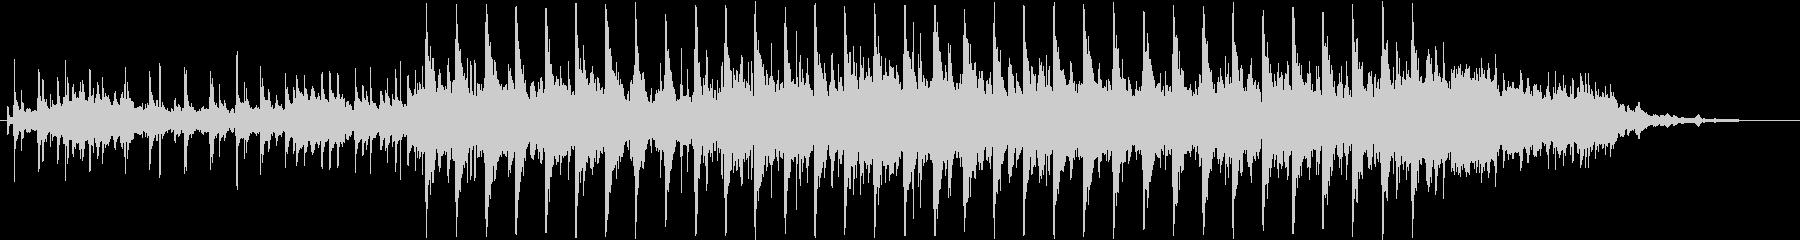 おしゃれ、ハイテクのリズム音楽 30sの未再生の波形